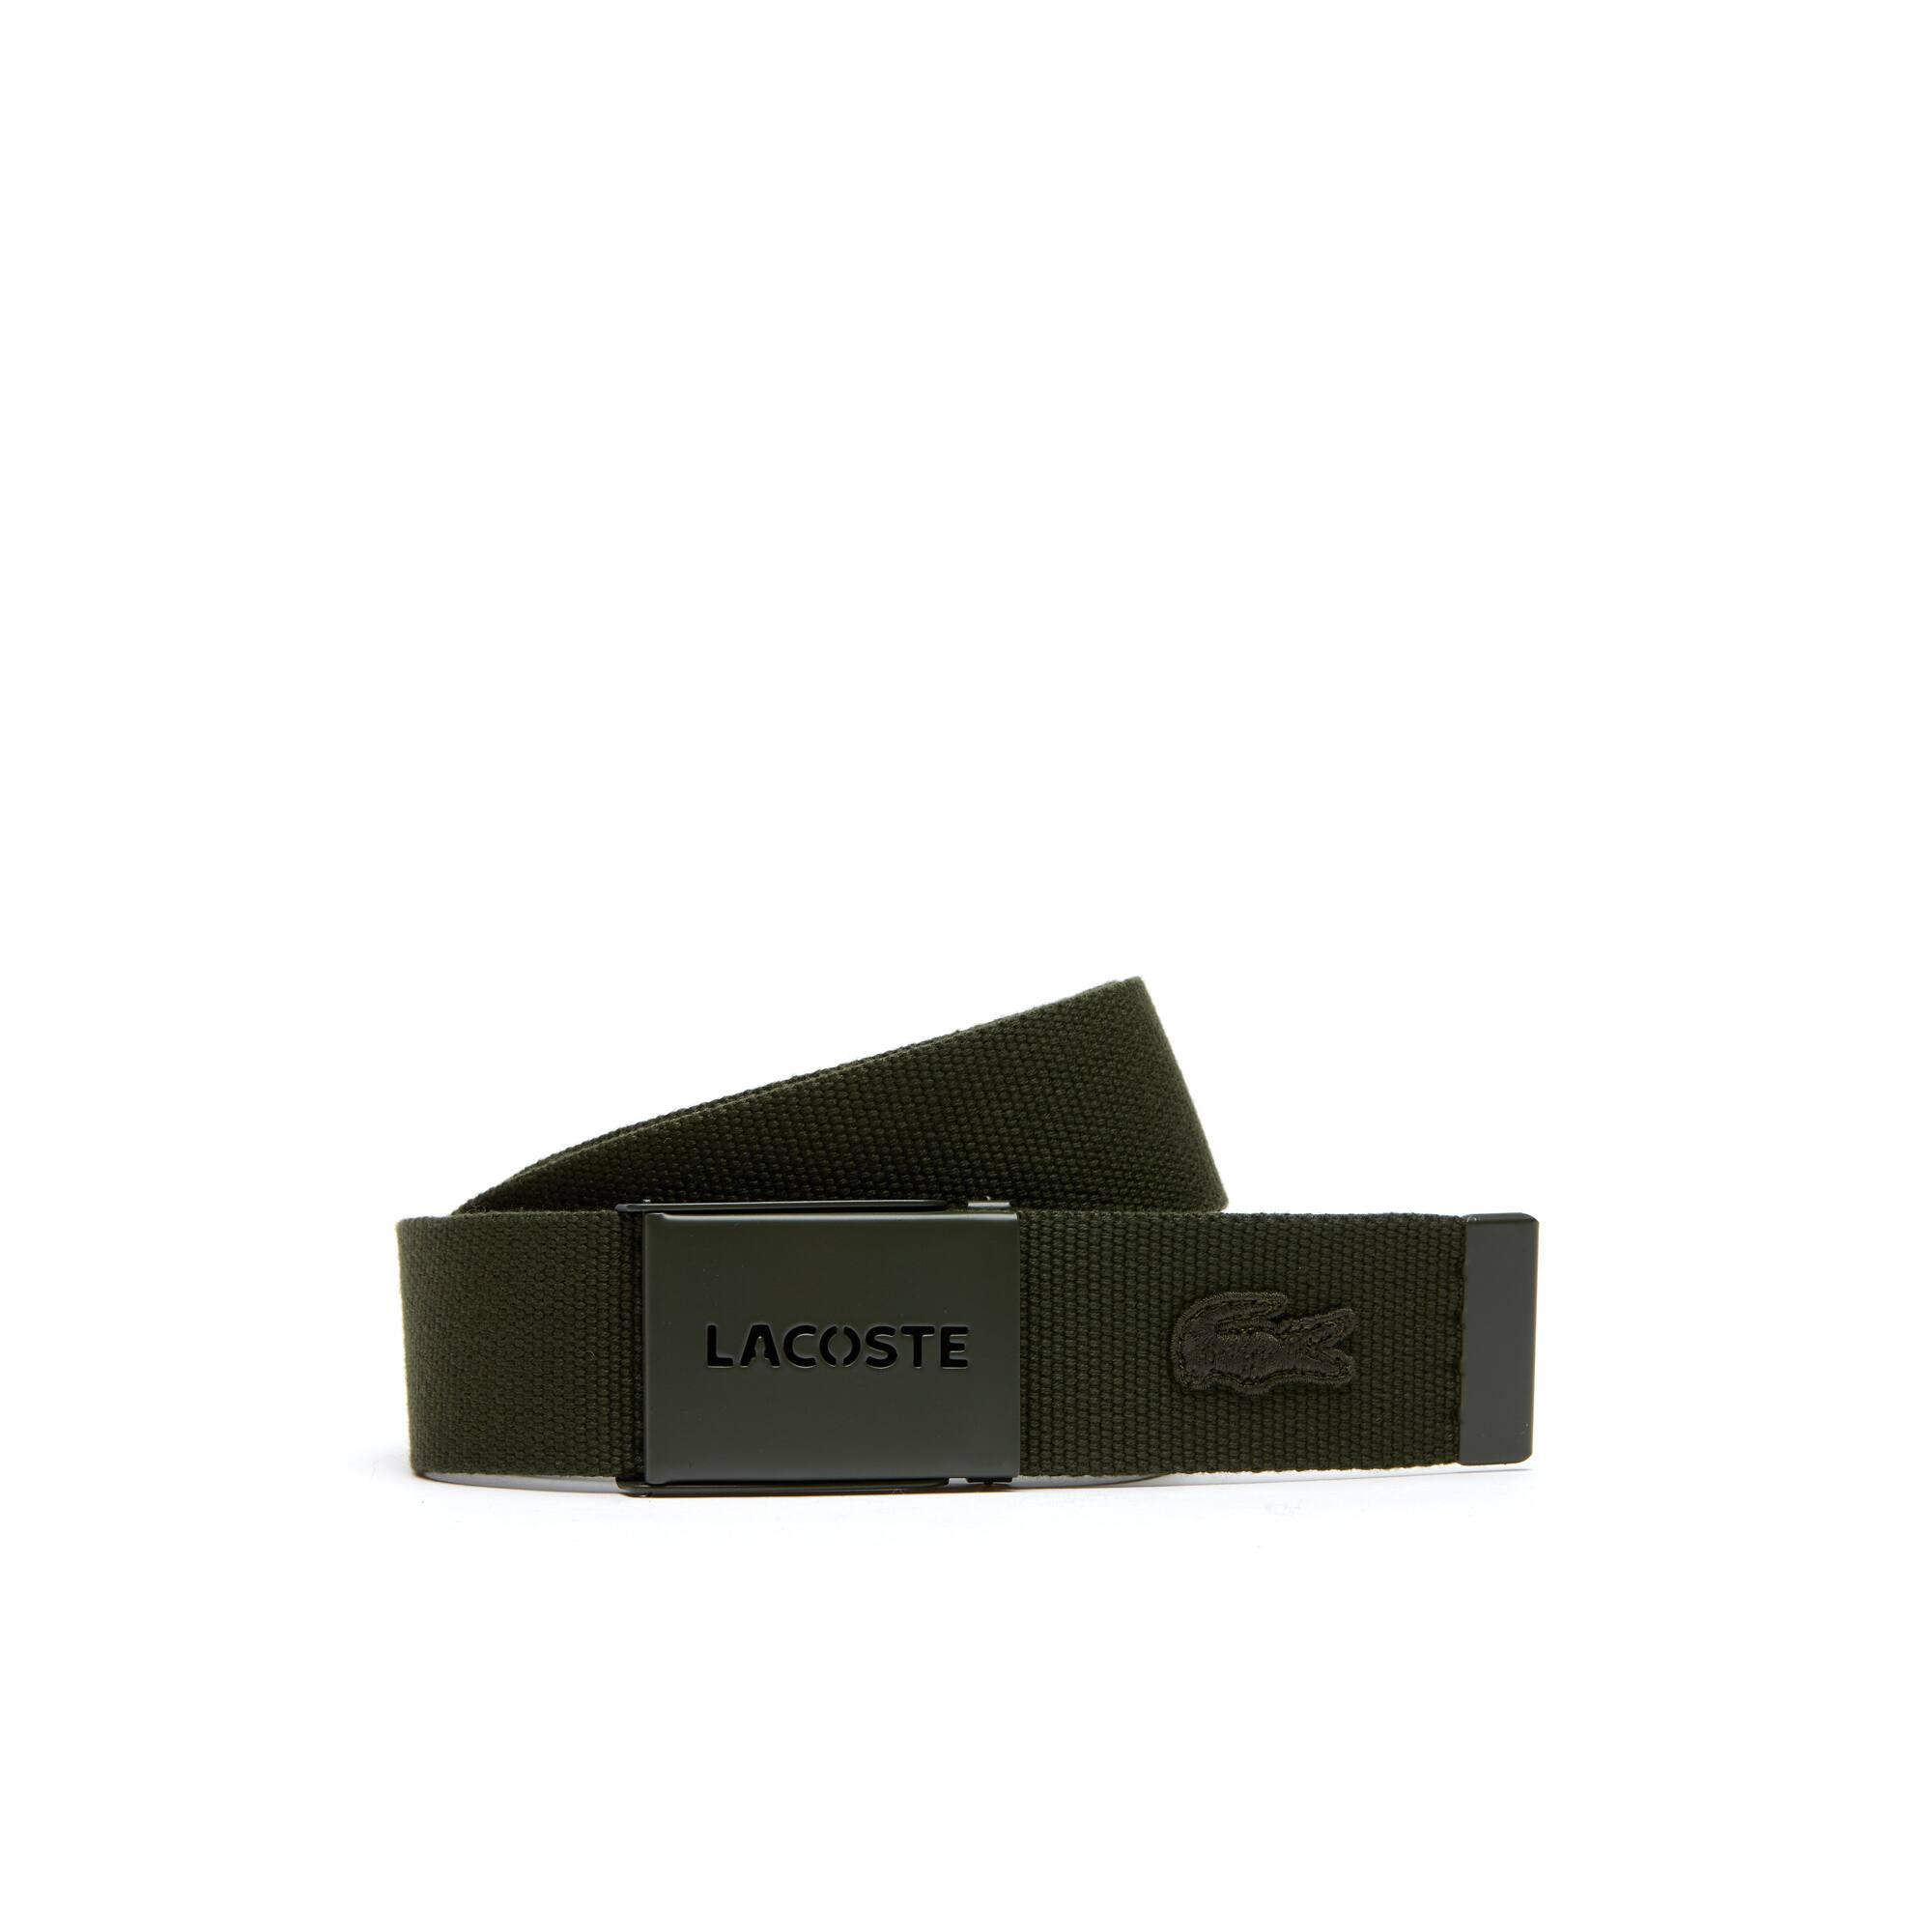 Cofanetto regalo con cintura in tela dotata di placca monocroma perforata con scritta Lacoste